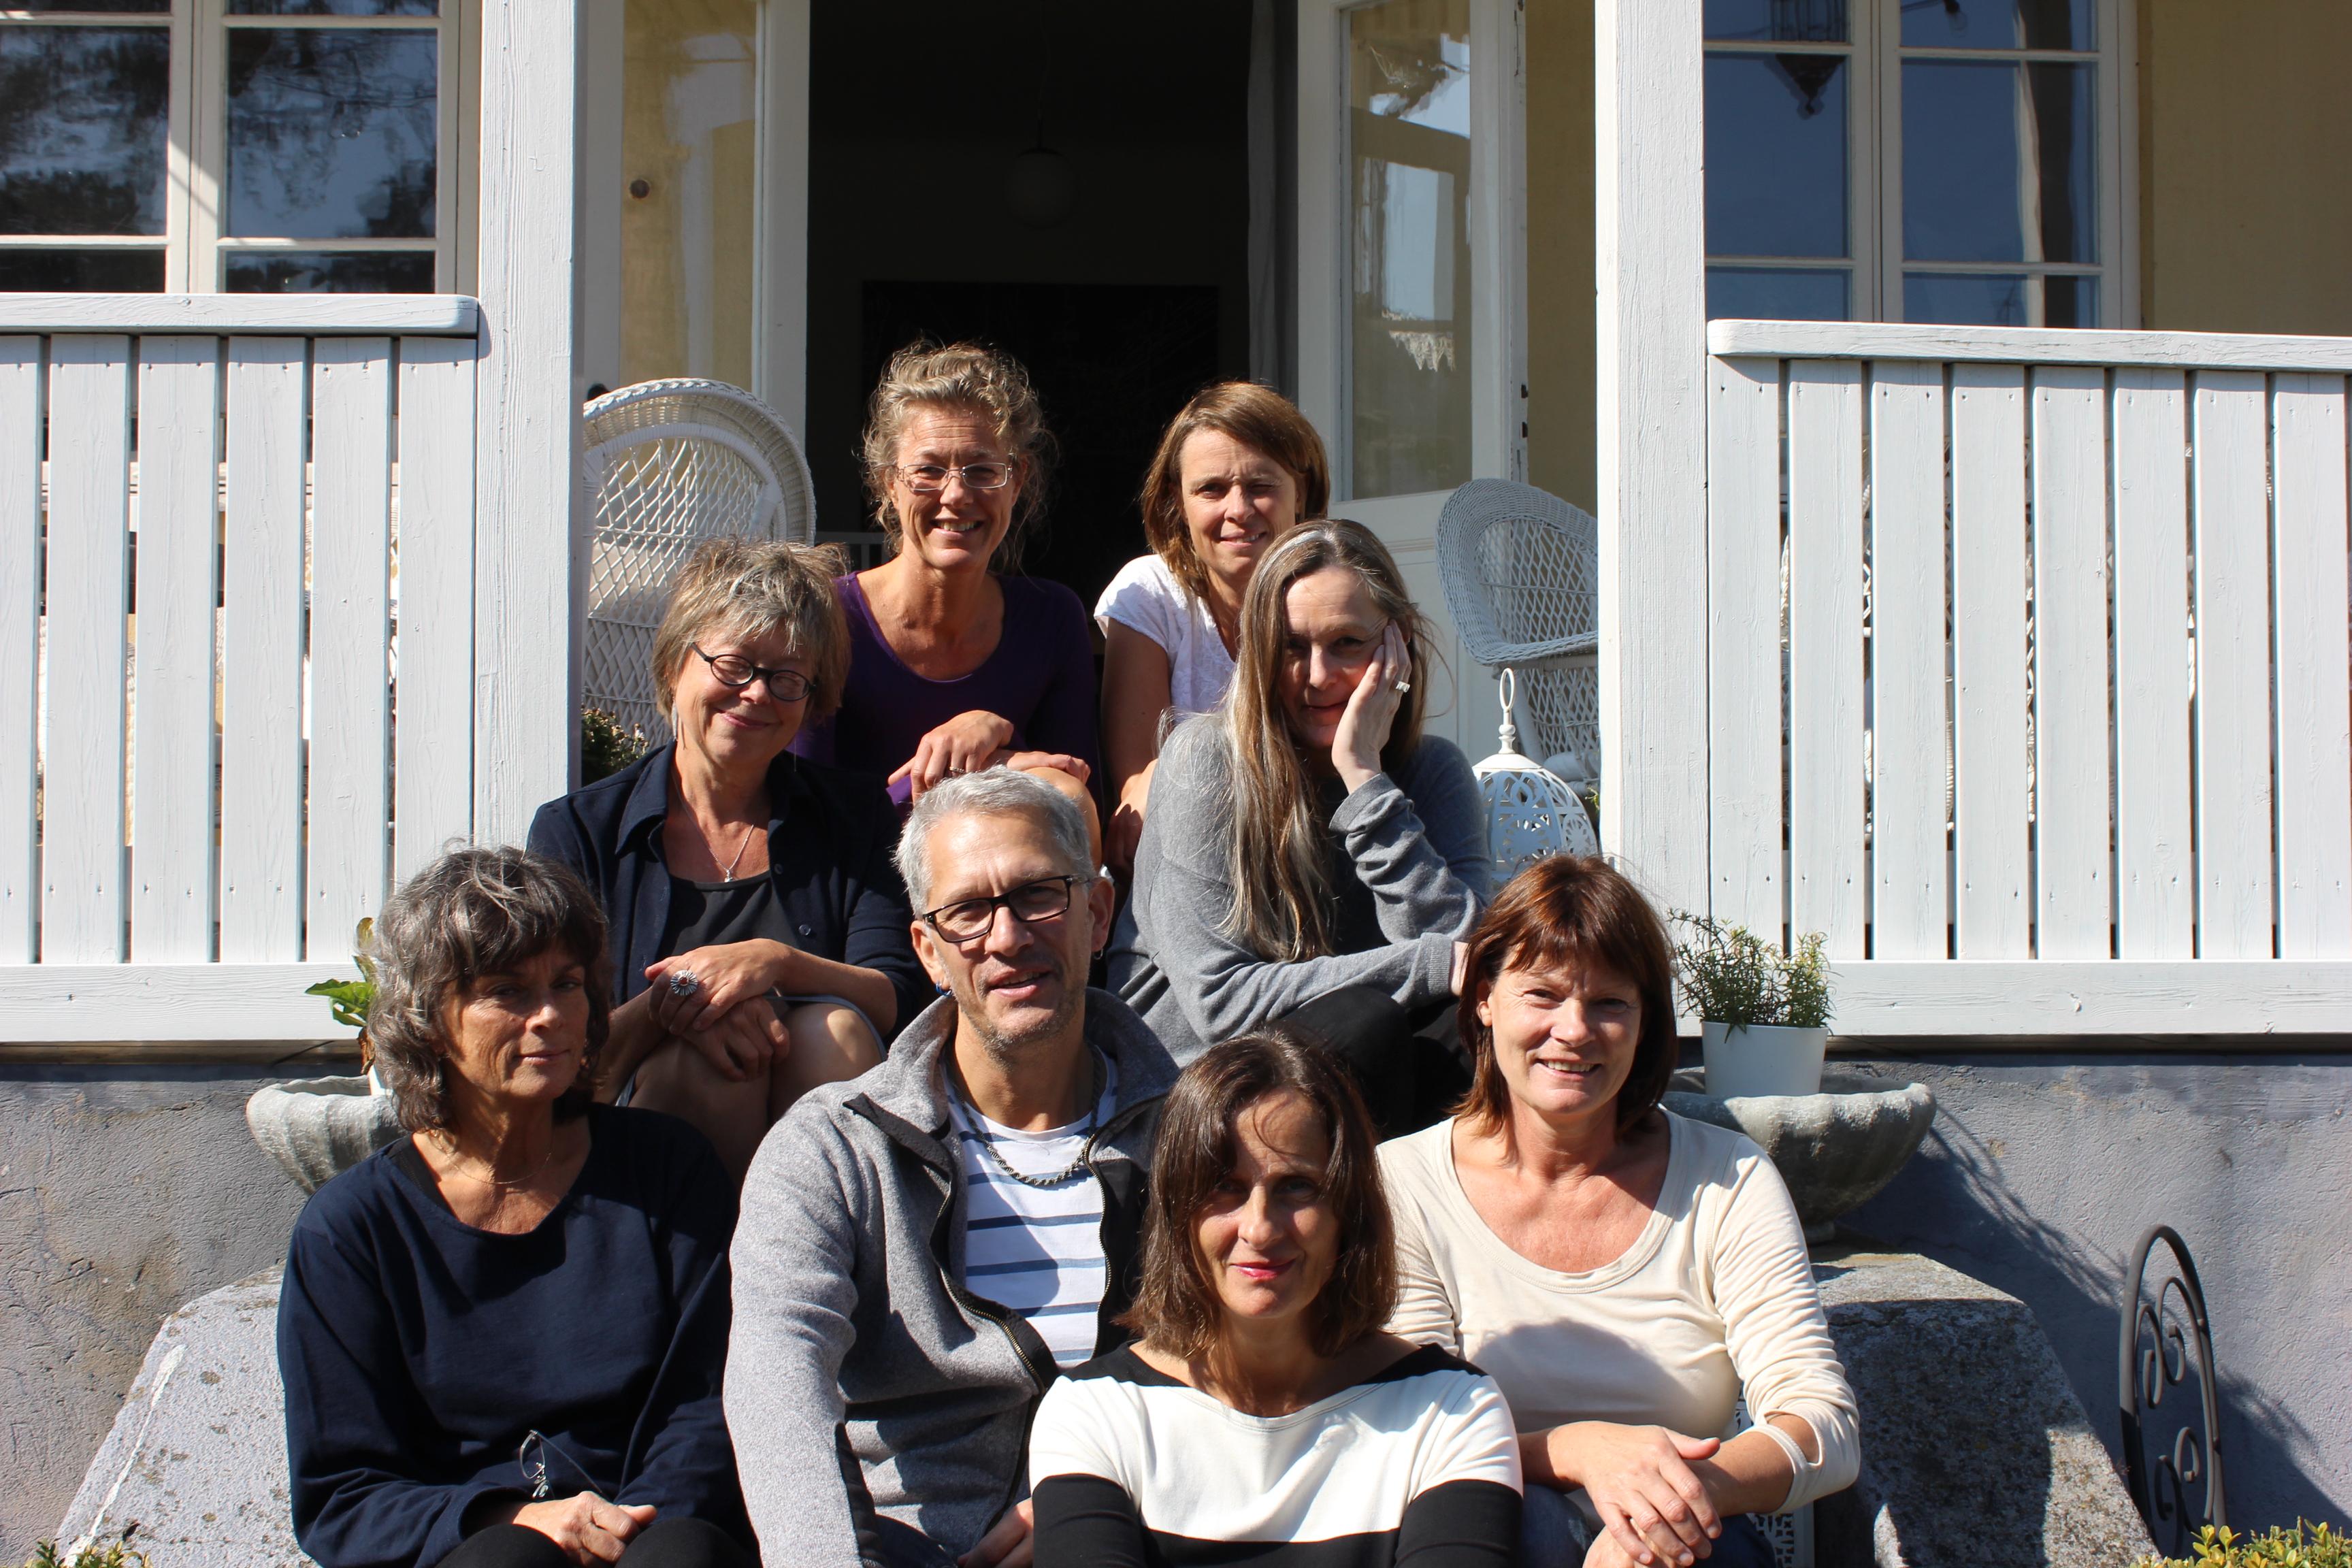 En av årets absoluta höjdpunkter - kursen om litterär gestaltning i Ystad för Susanna Alakoski och Mats Söderlund